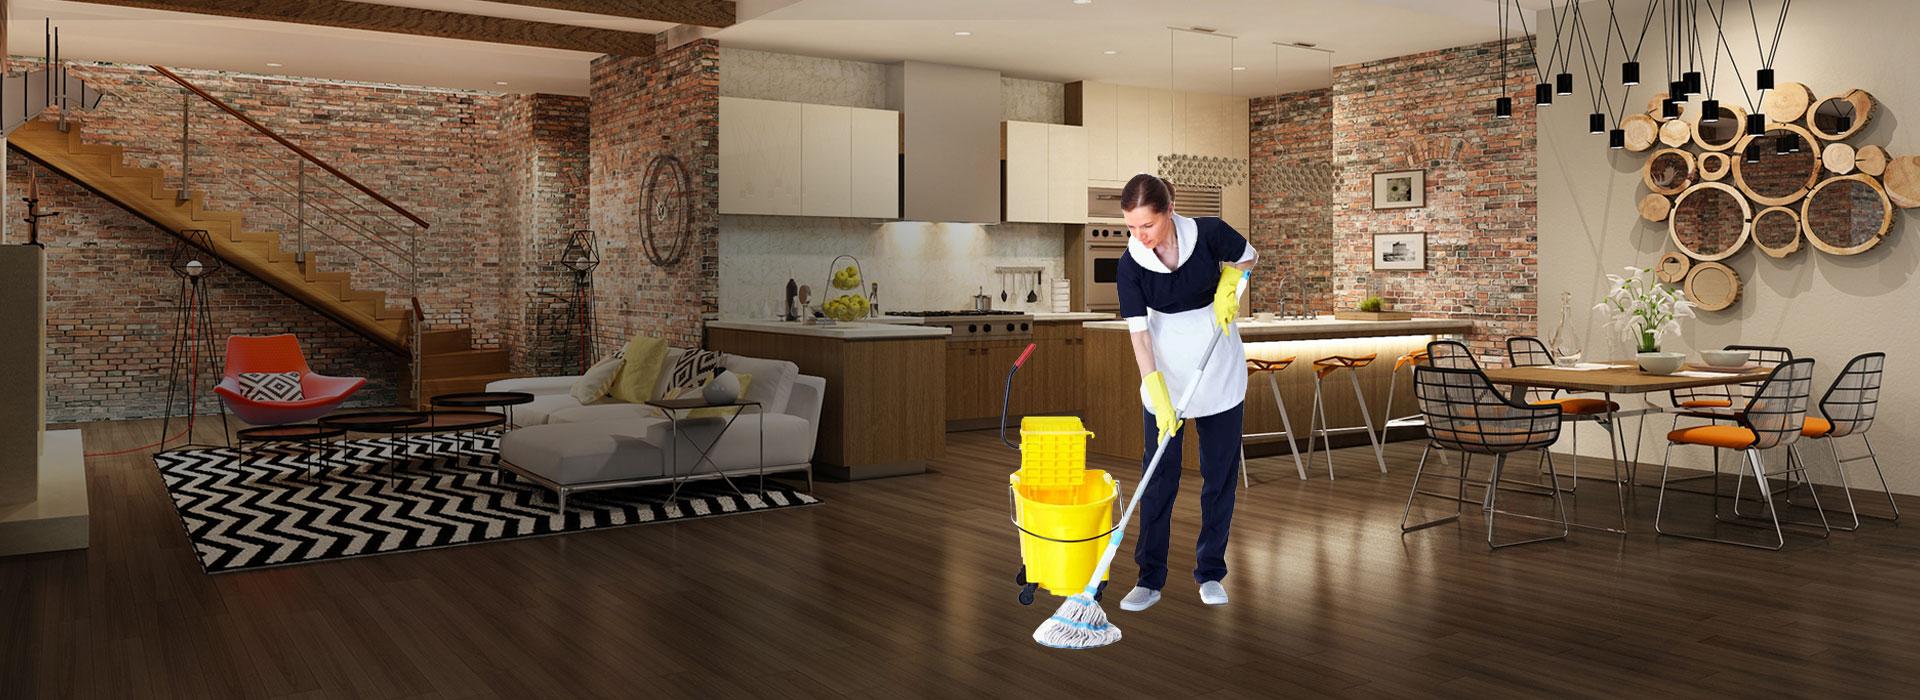 شركة تنظيف منازل العين 0563350658